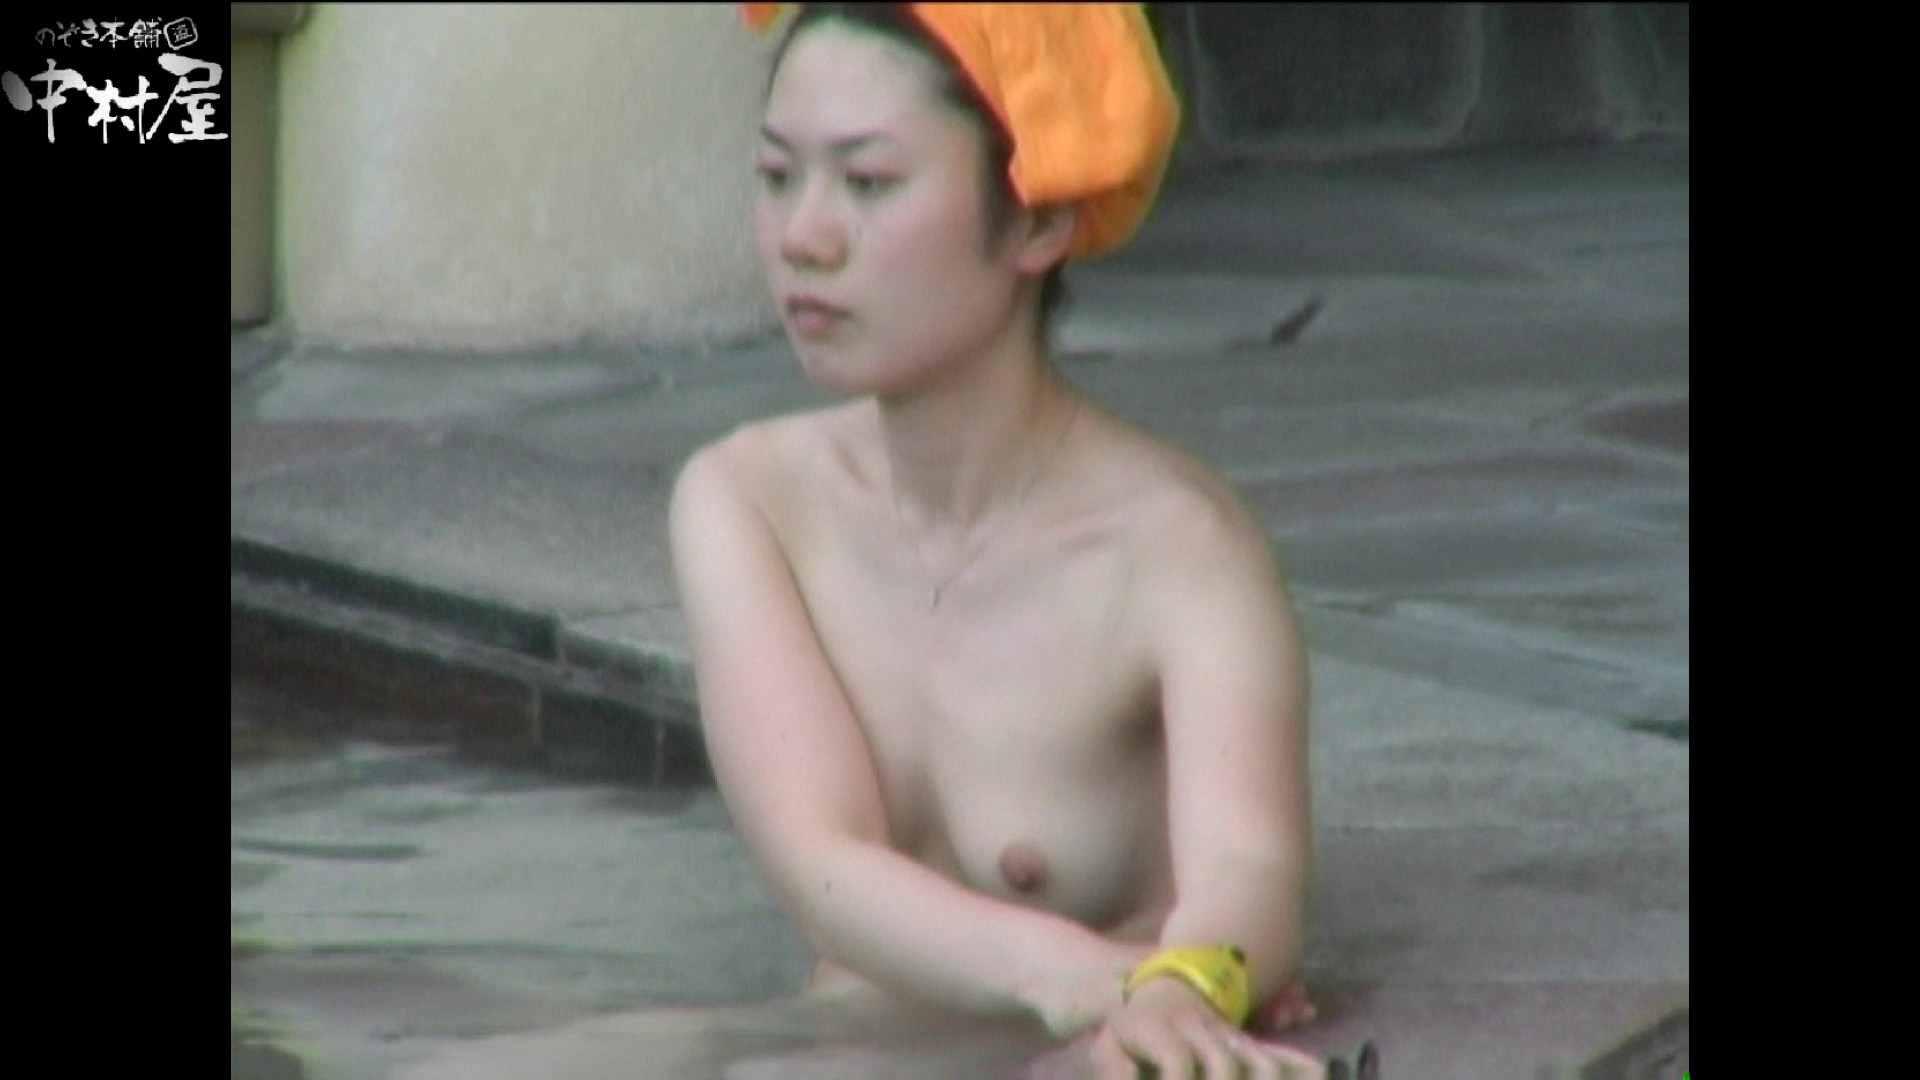 Aquaな露天風呂Vol.978 OLハメ撮り  57Pix 3